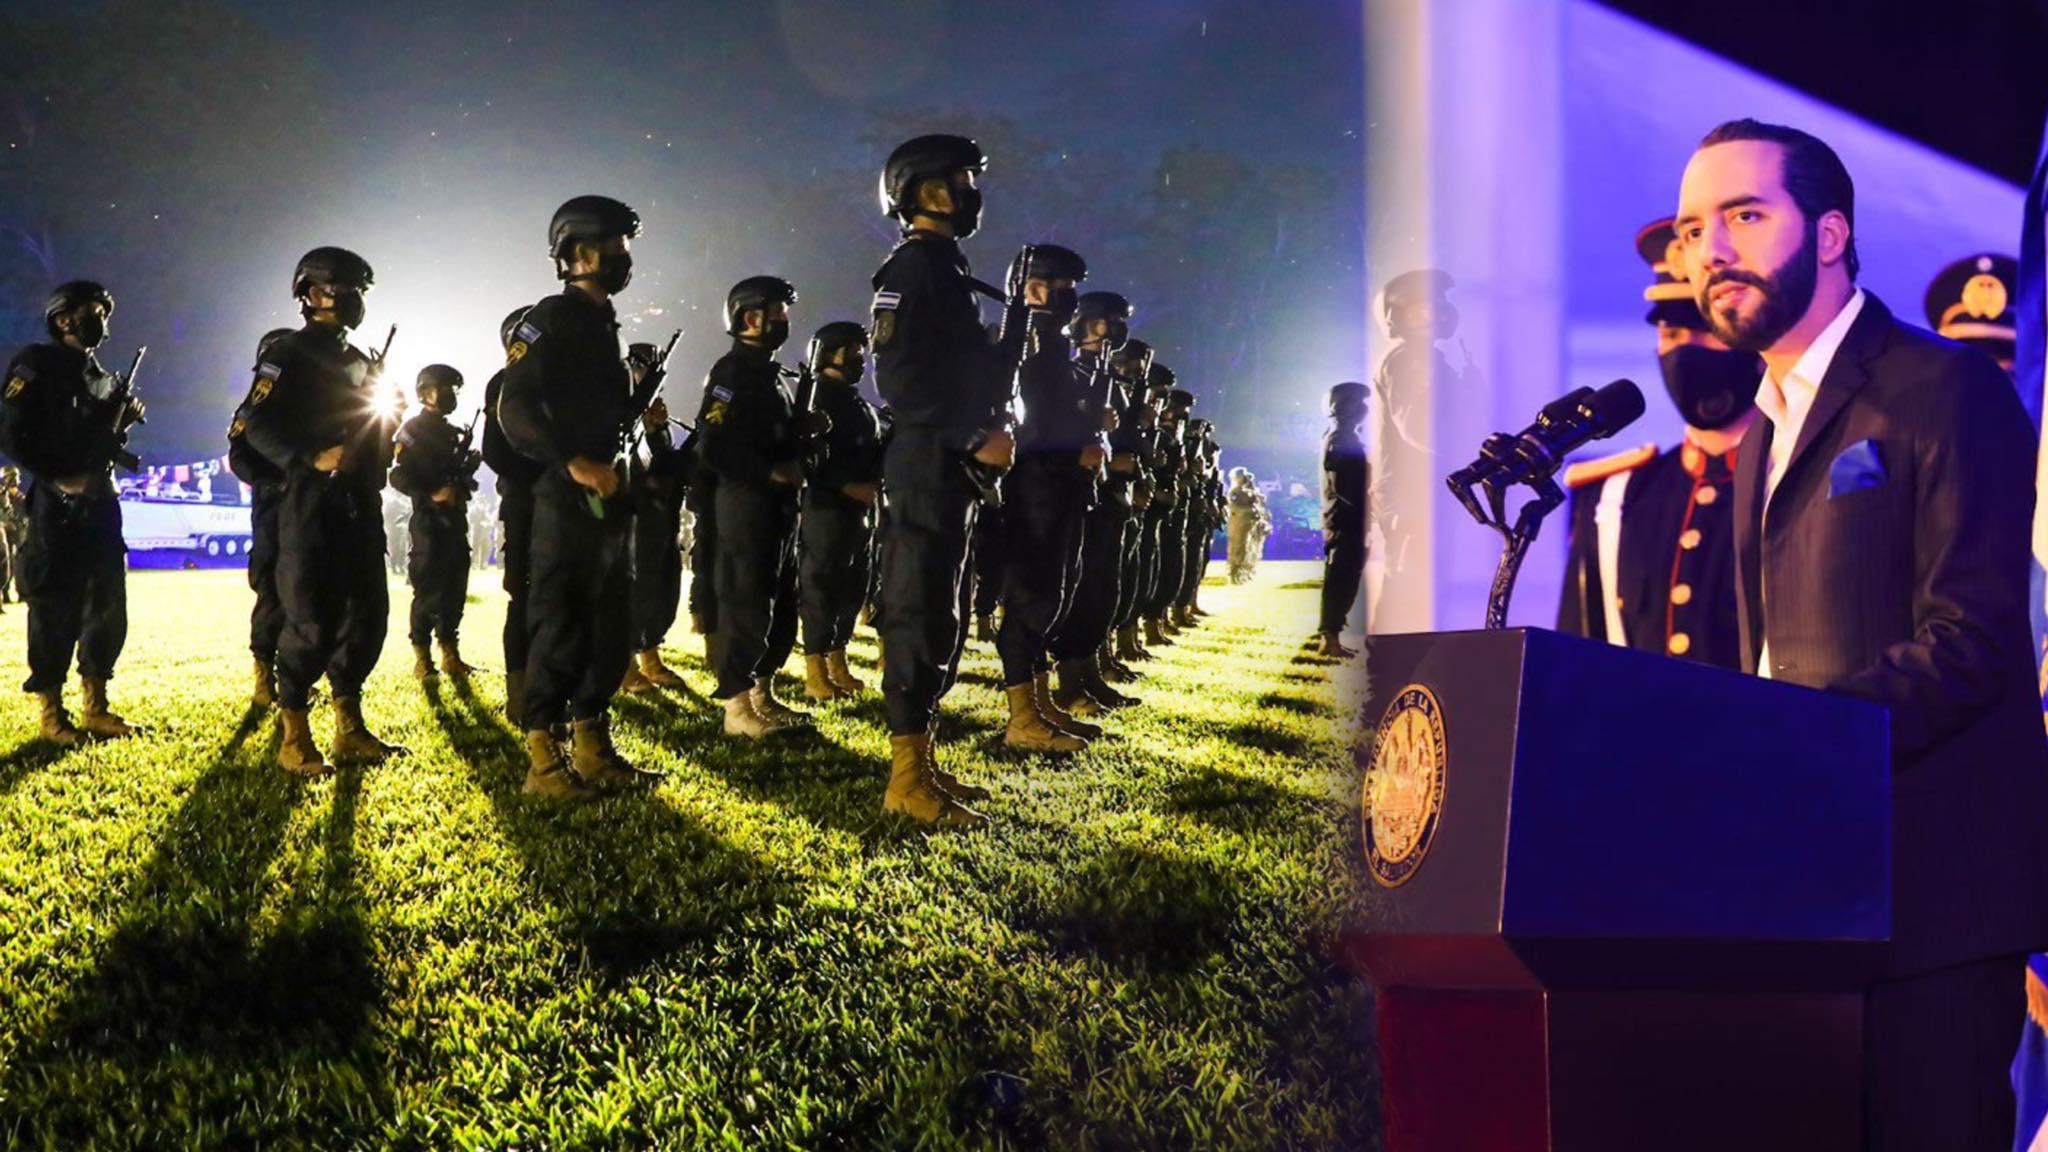 Presidente Bukele agradece a los soldados por salvaguardar y proteger la vida de todos los salvadoreños